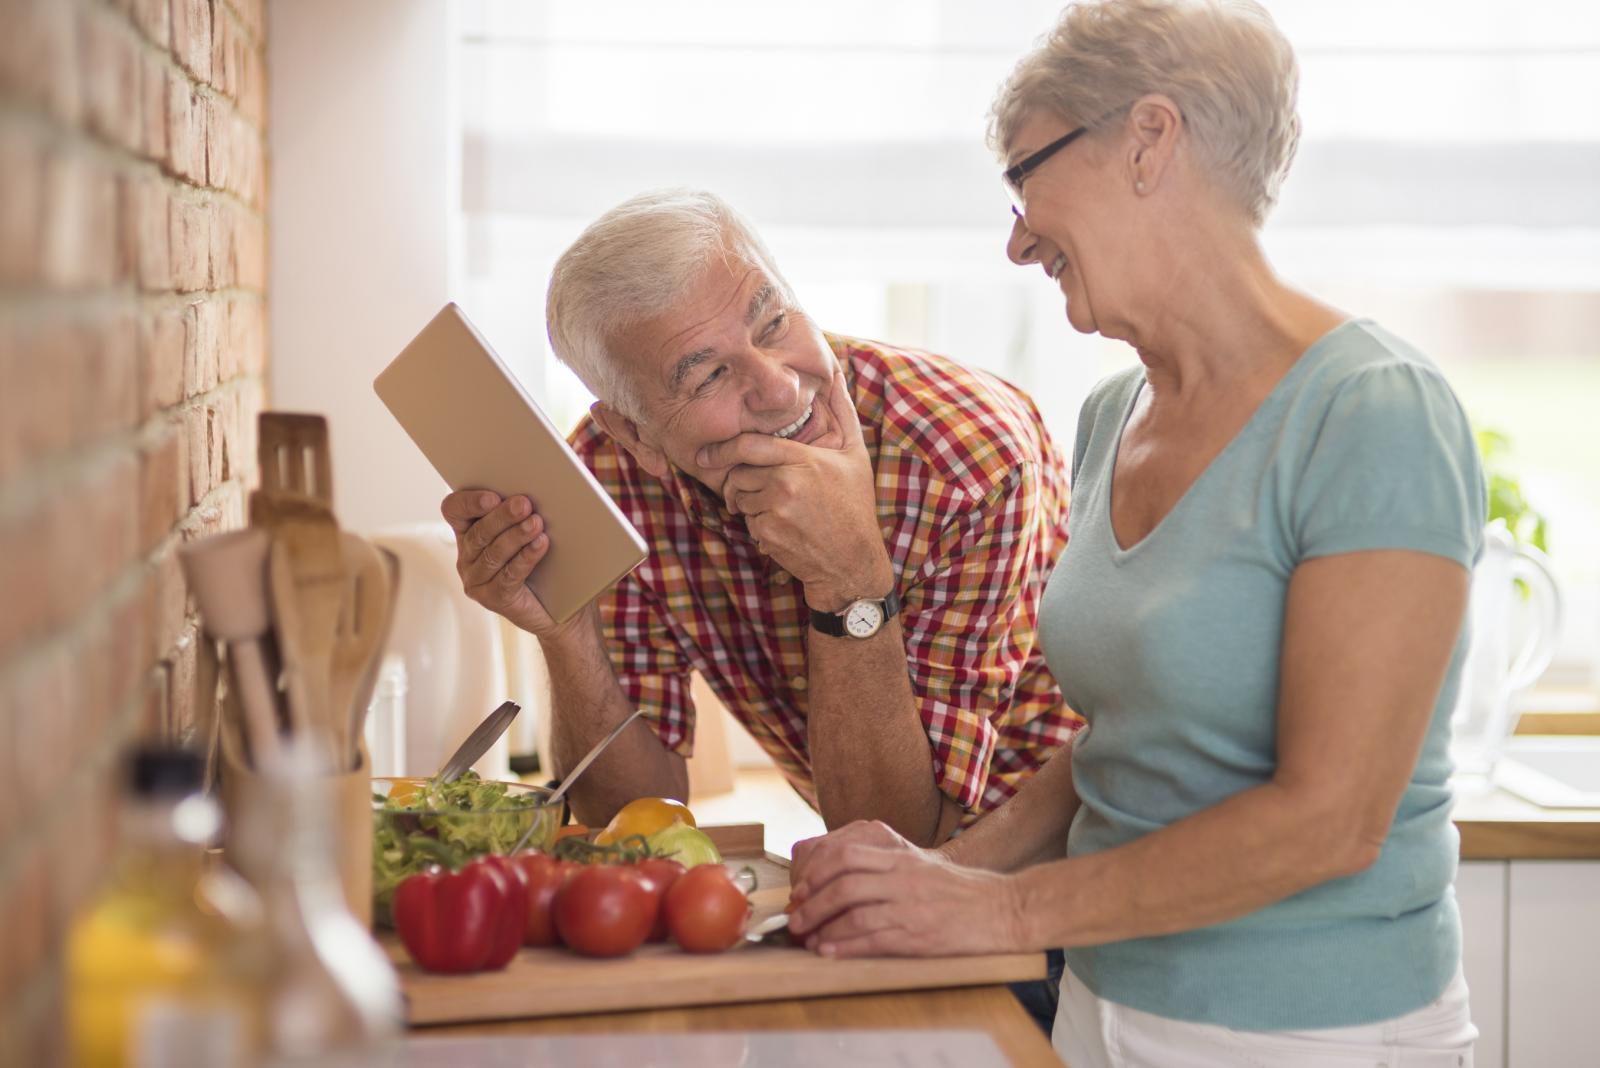 Istina je da nam određena hrana više prija u ovisnosti o našim godinama.